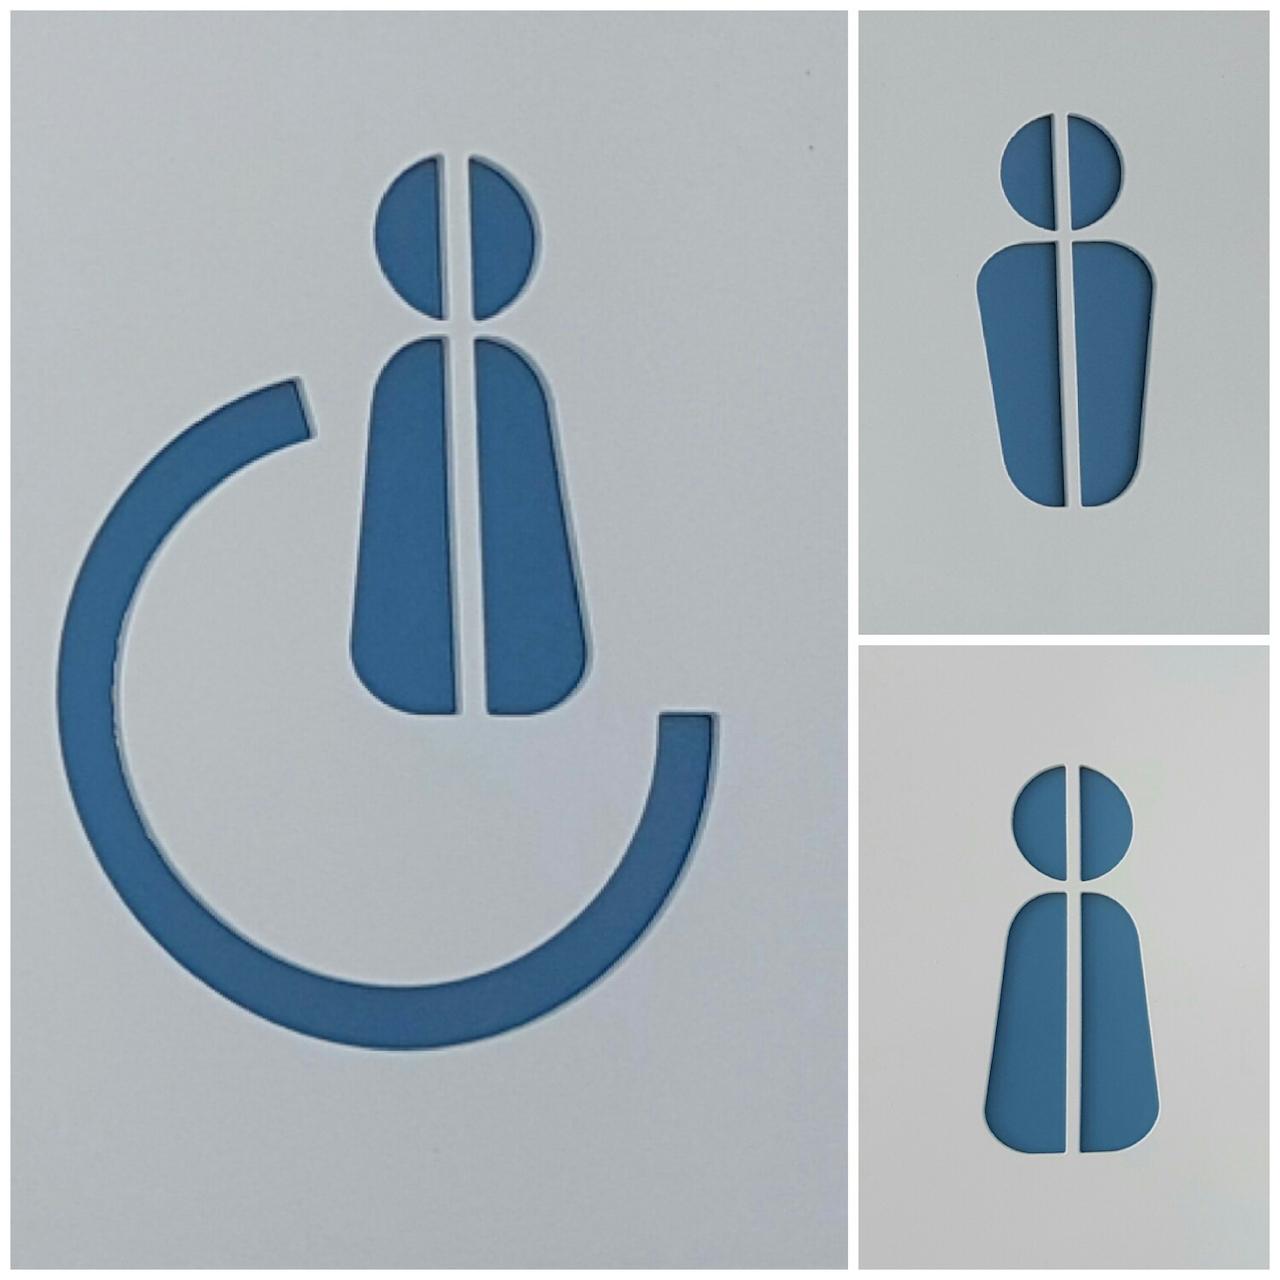 Señalética con pictogramas, Hortel Ocean Hill, Maspalomas, Gran Canaria.